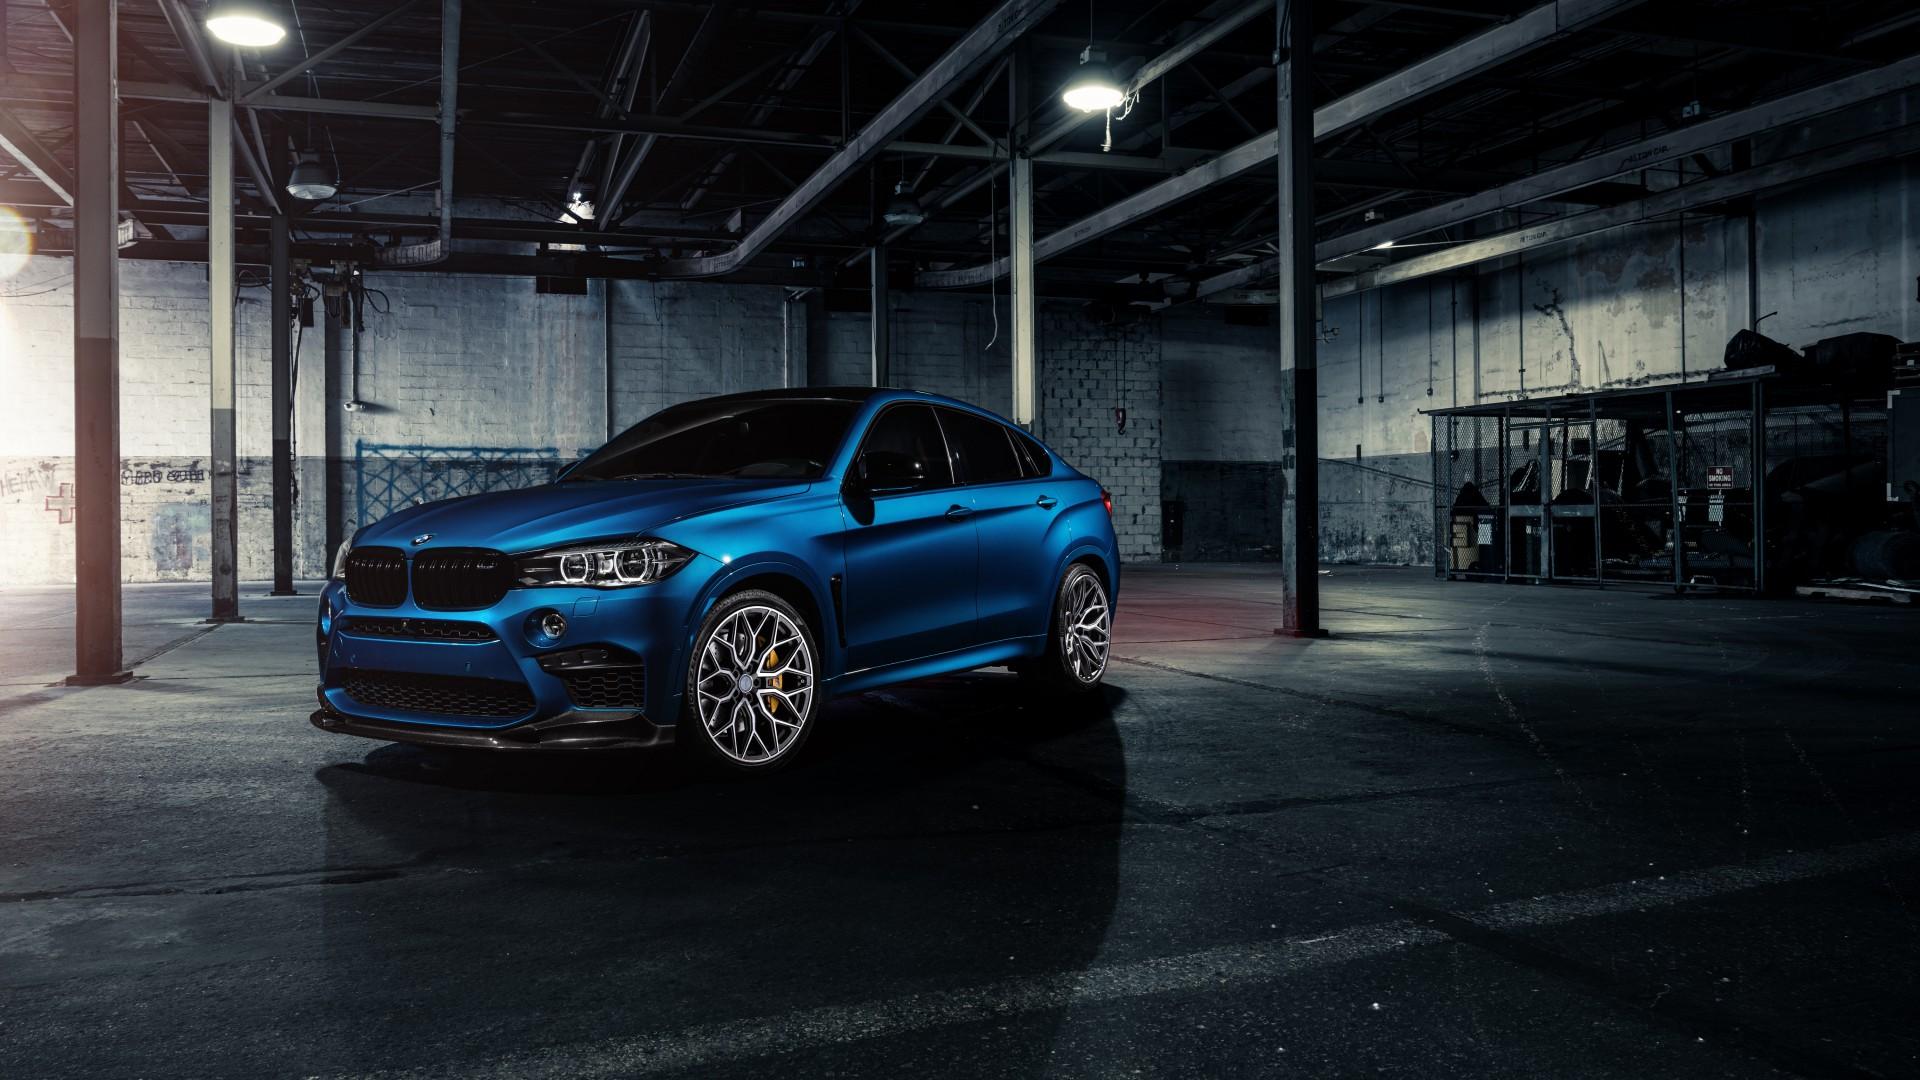 2018 BMW 3 Series >> BMW X6 M 5K Wallpaper | HD Car Wallpapers | ID #10606